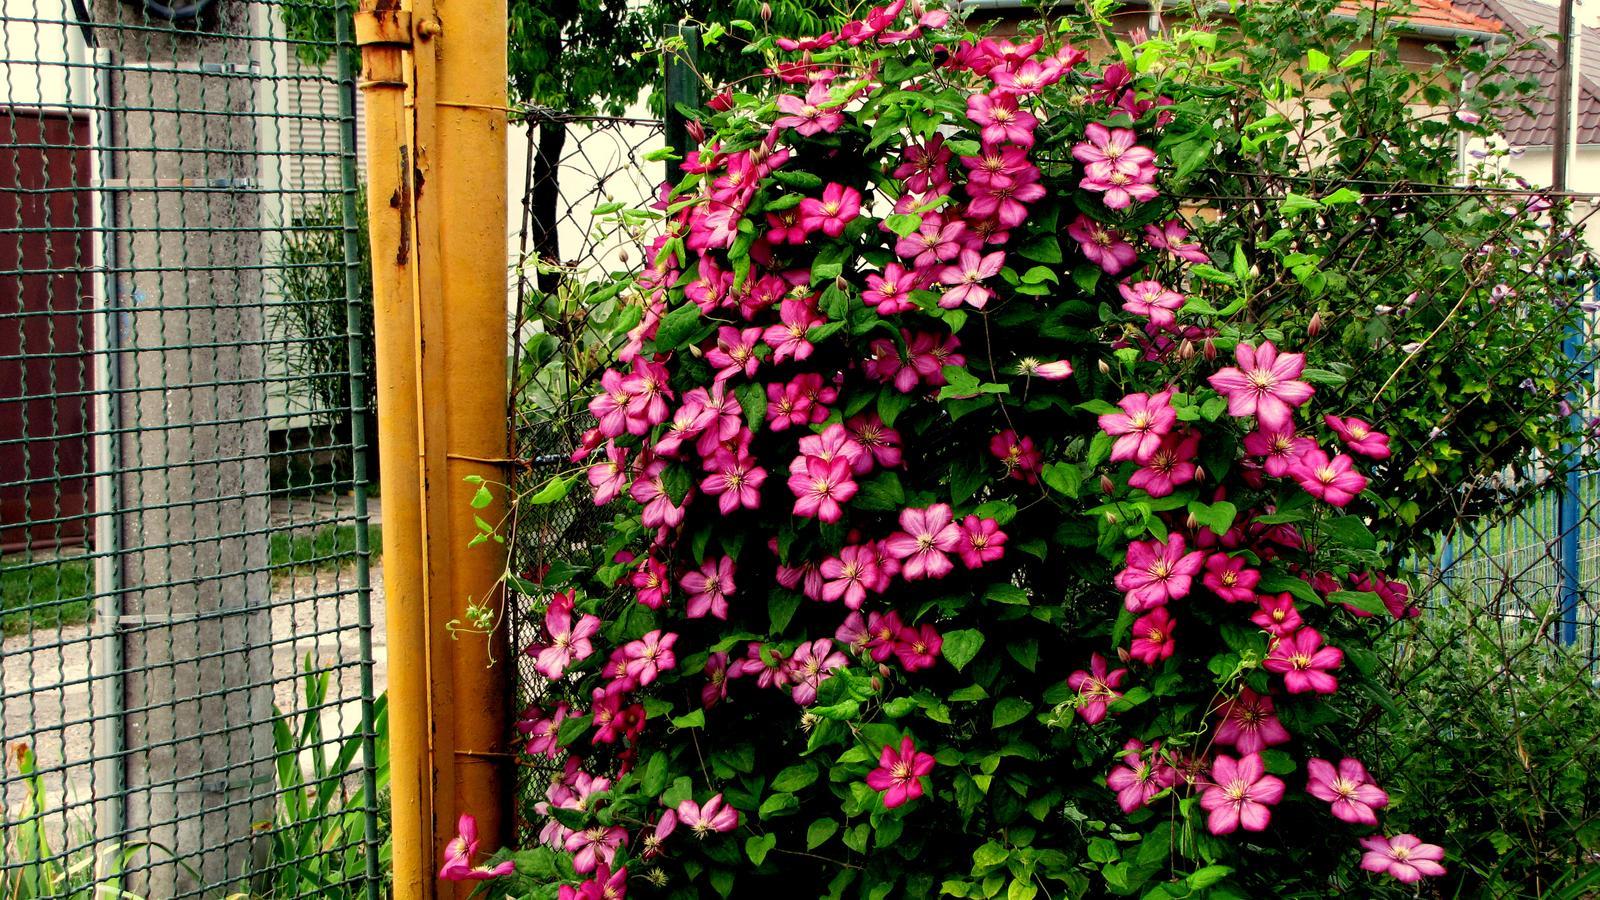 Rekonštrukcia starého domčeka - Tá kvetina je nezmar.V polovici mája som ju od samého koreňa vyťal.Dnes je vyššia ako ja a má spústu krásnych kvetov.